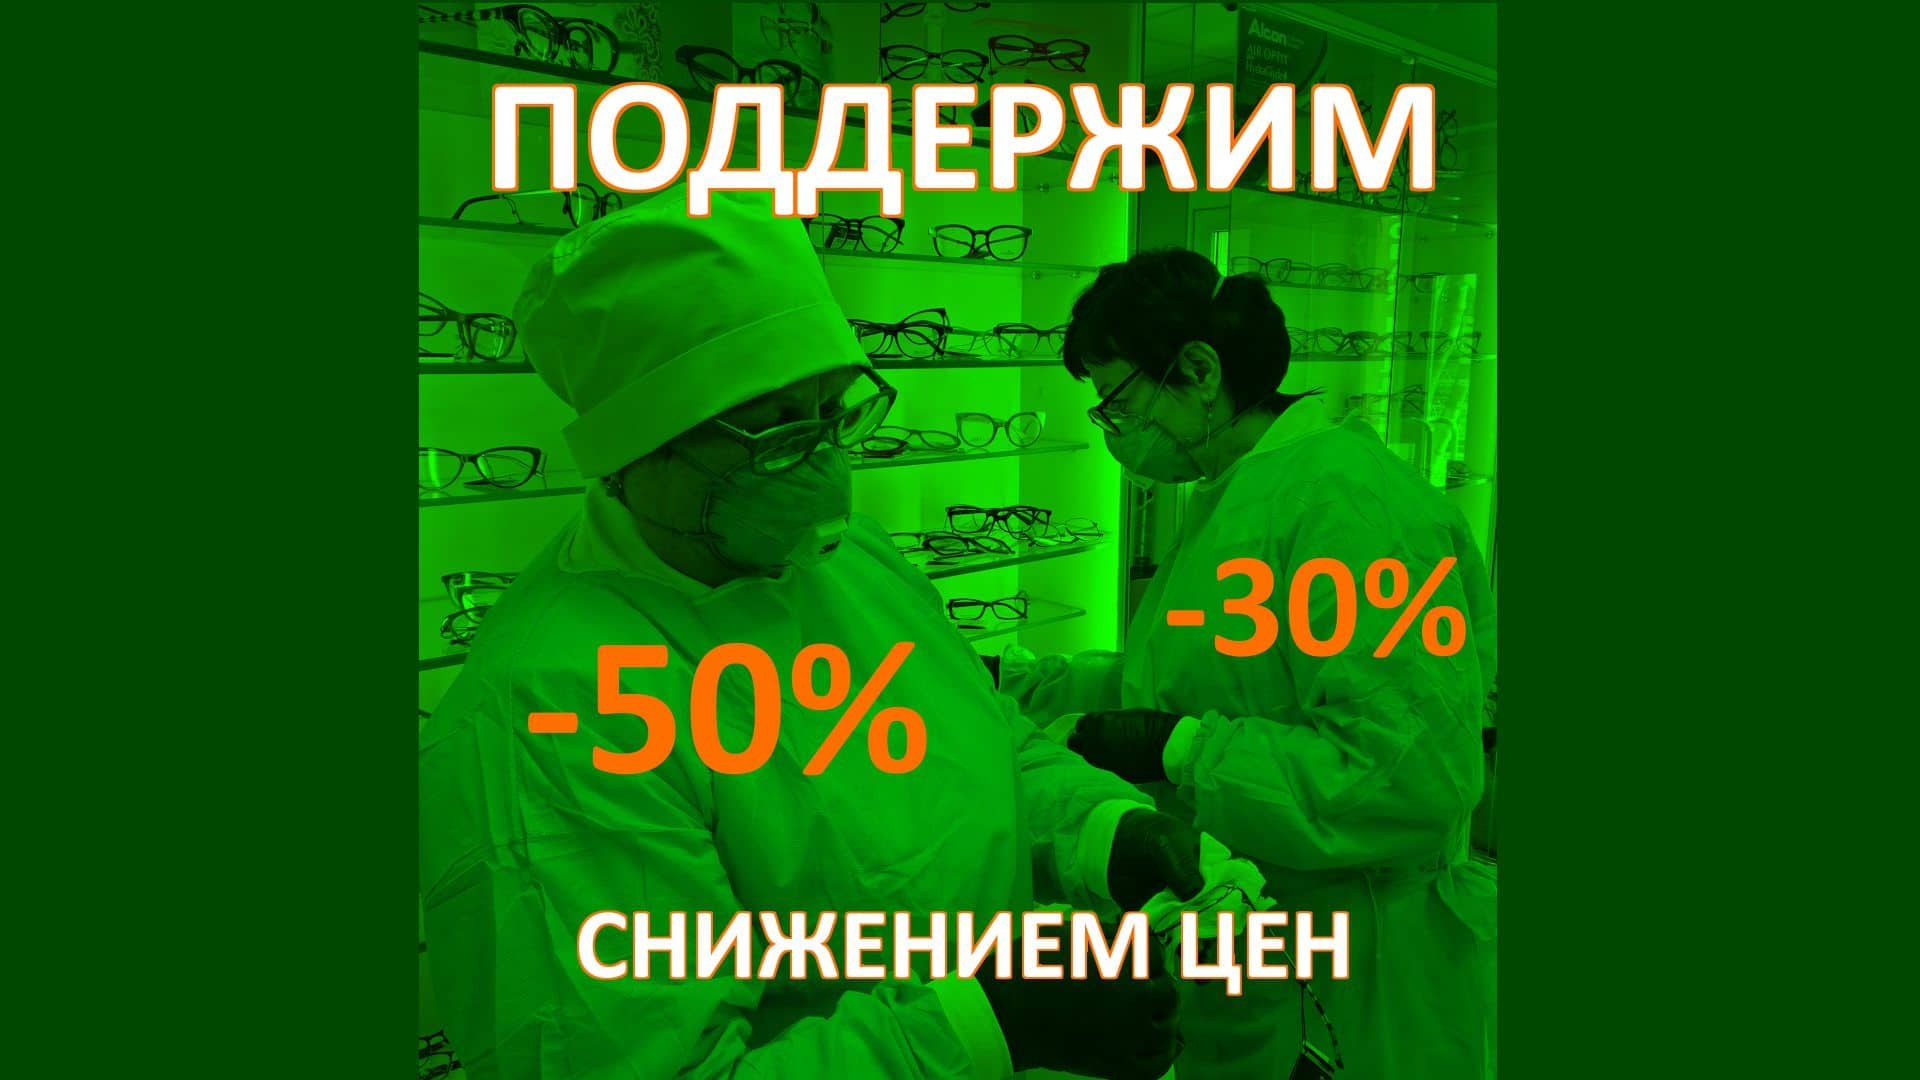 Поддержим клиентов снижением цен